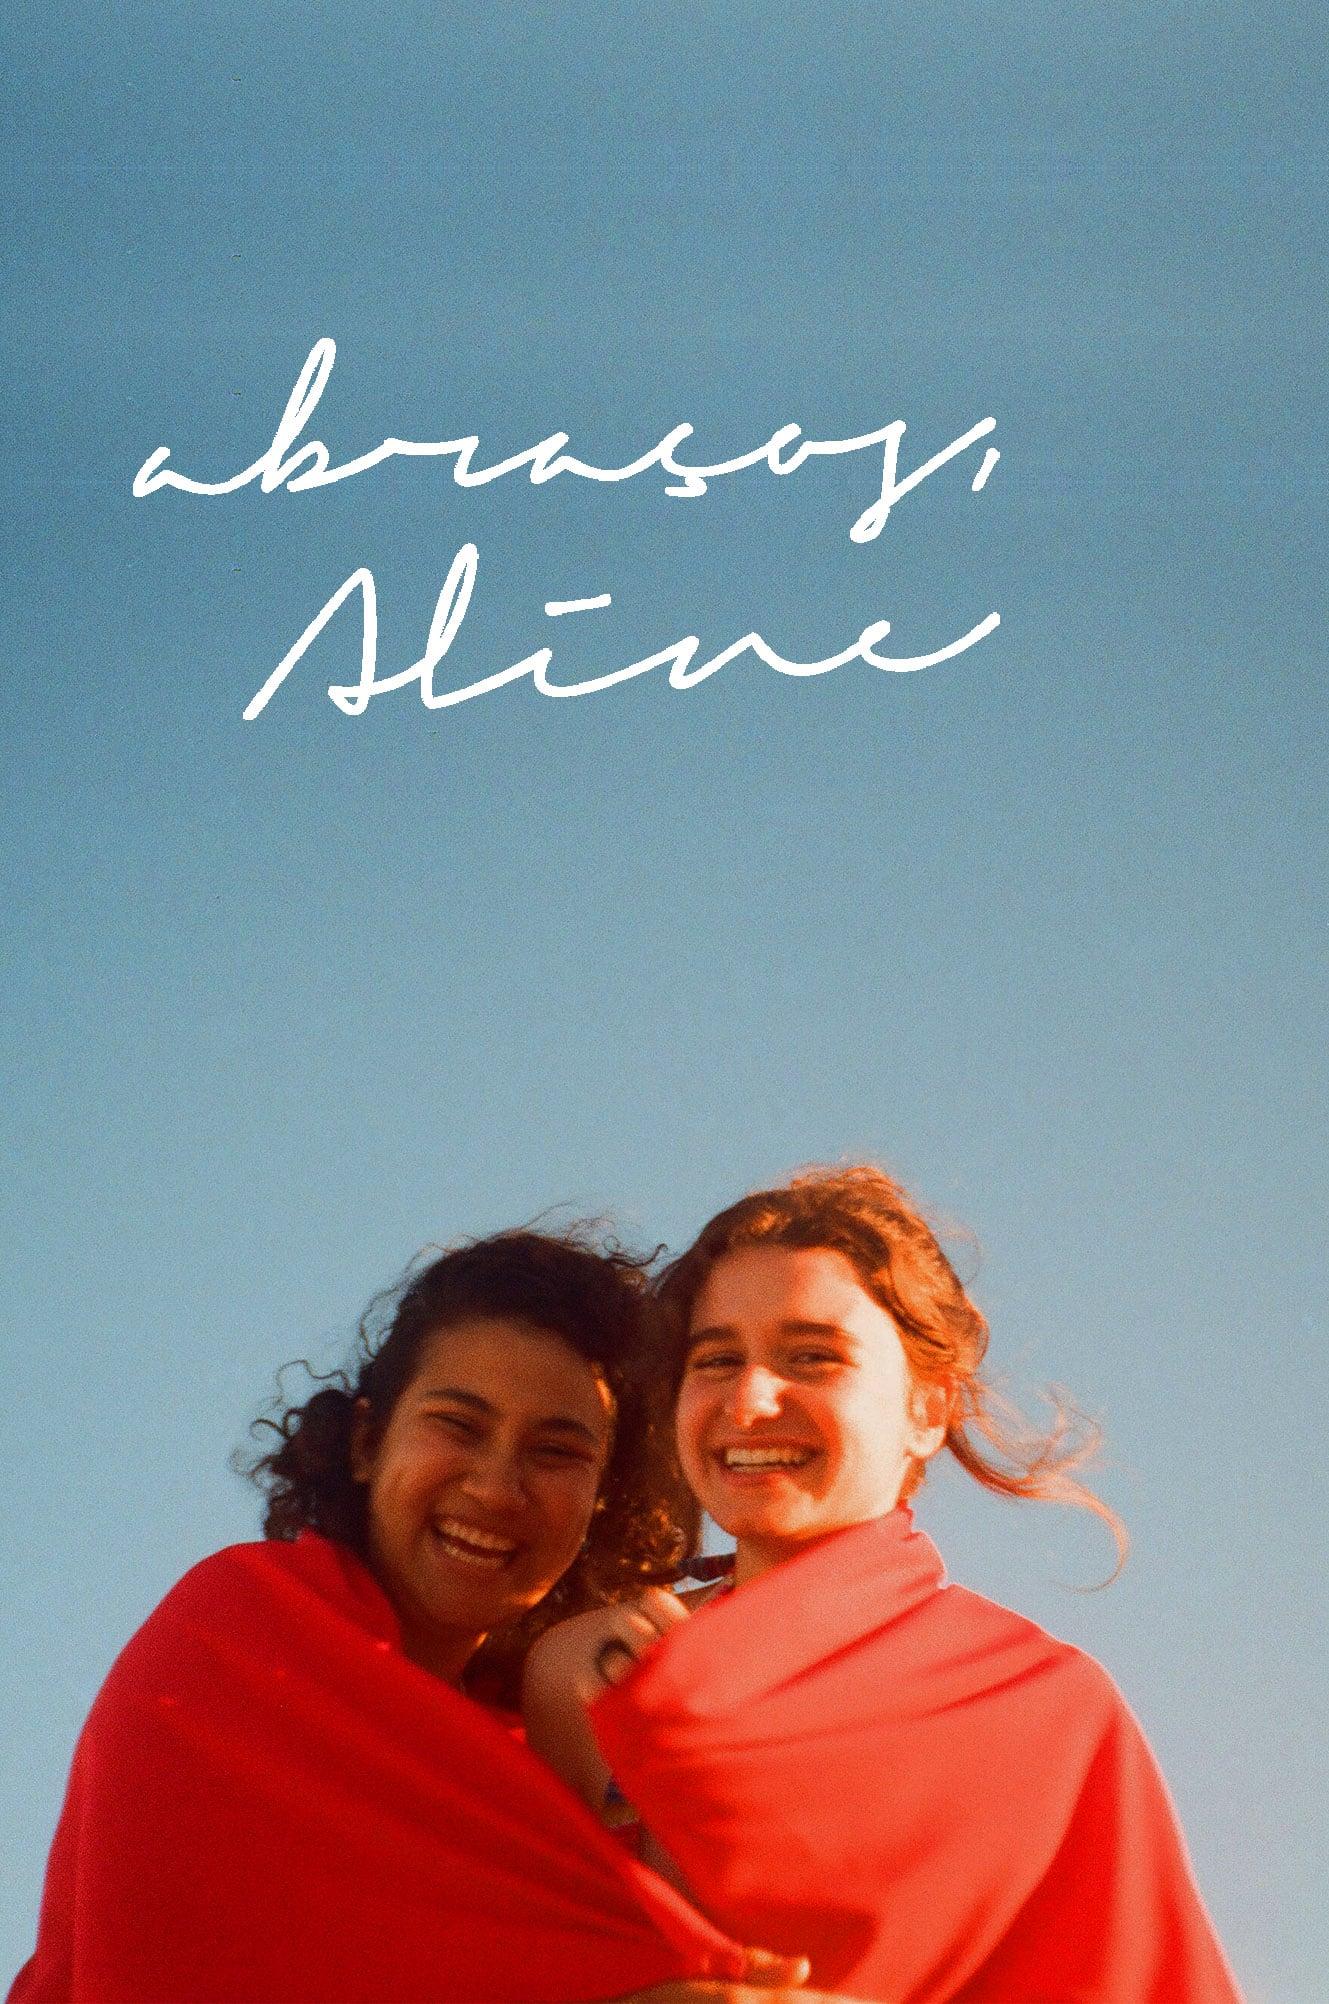 Abraços, Aline